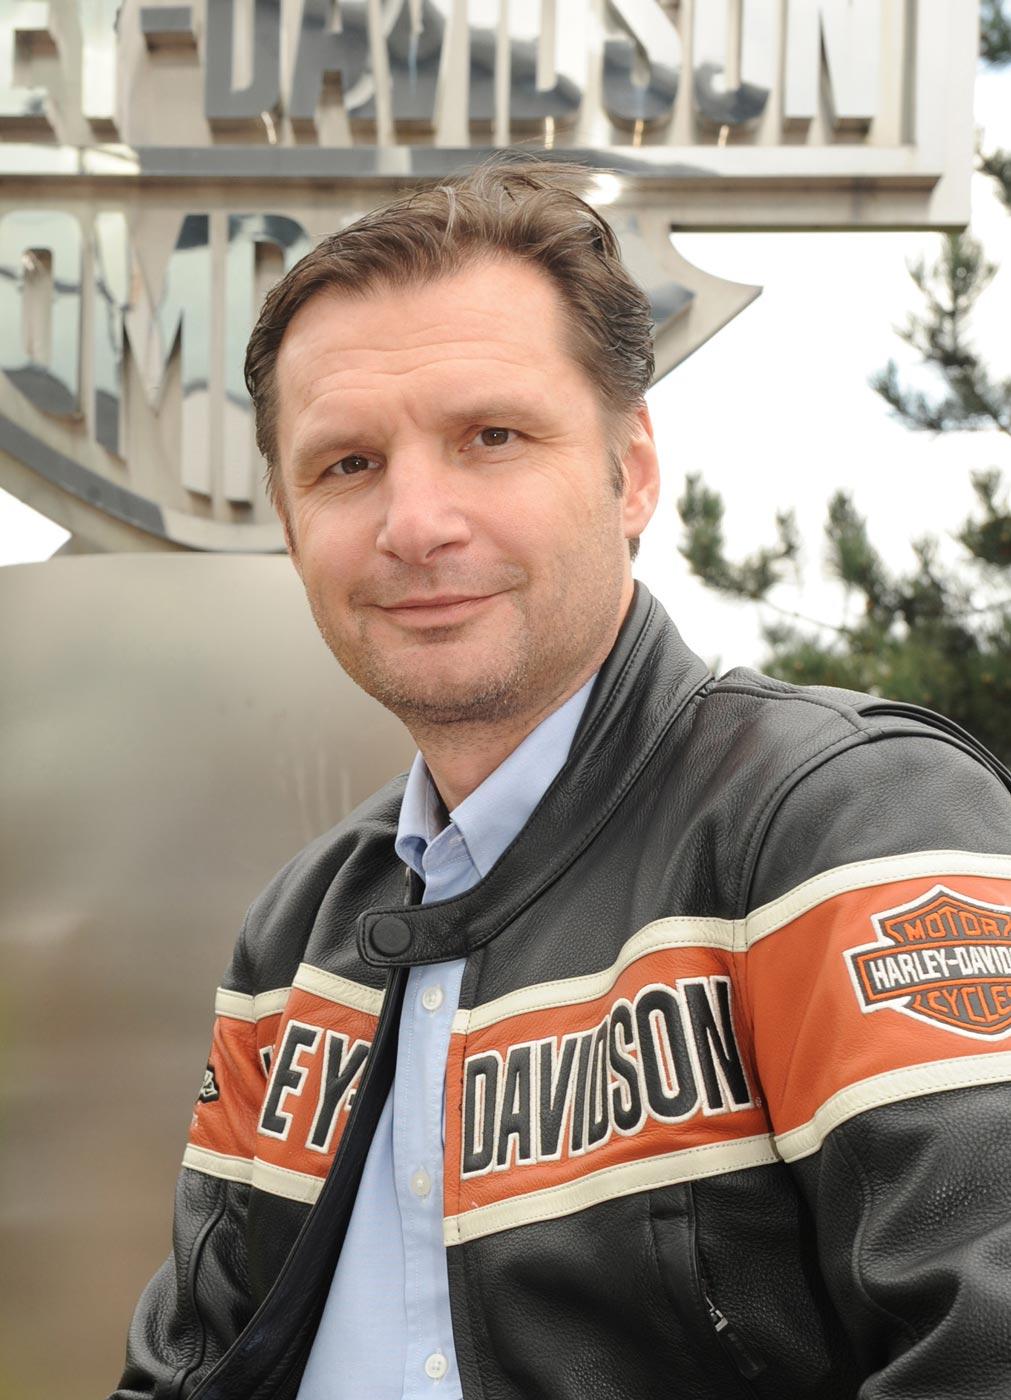 Christian Arnezeder betreut als Geschäftsführer Central Europe bei Harley-Davidson nun auch die nordeuropäischen Märkte